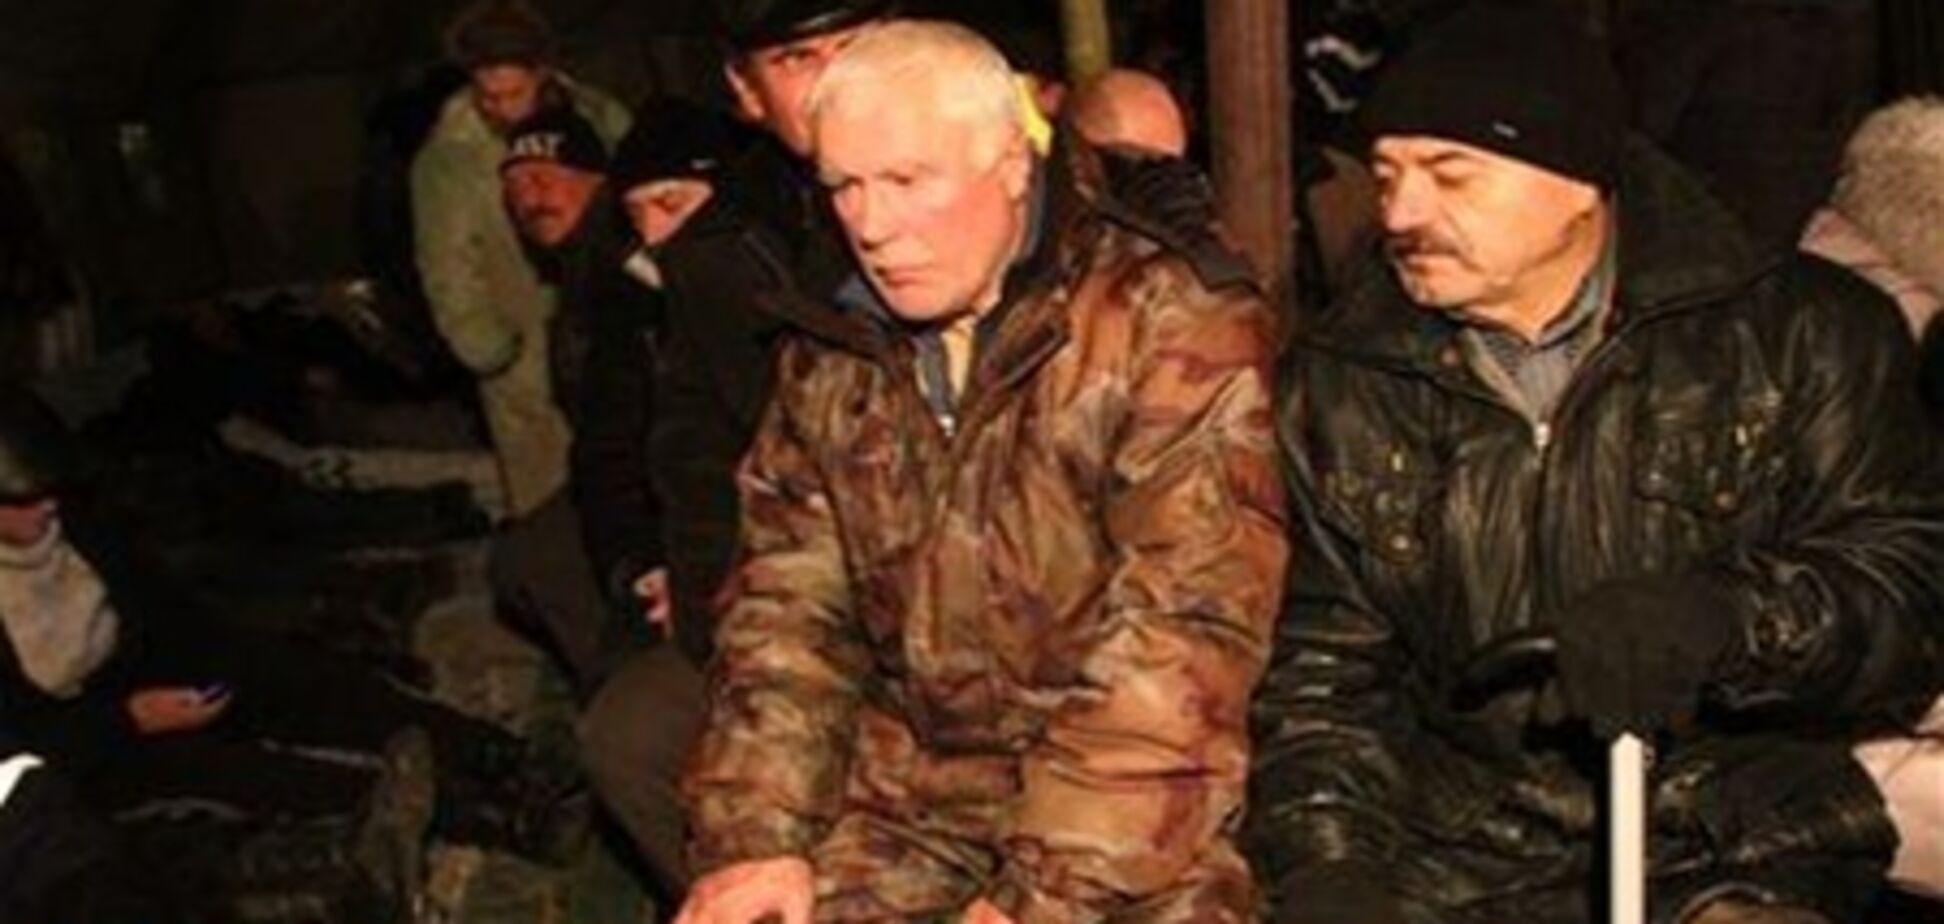 Донецкие чернобыльцы жалуются, что их терроризирует милиция